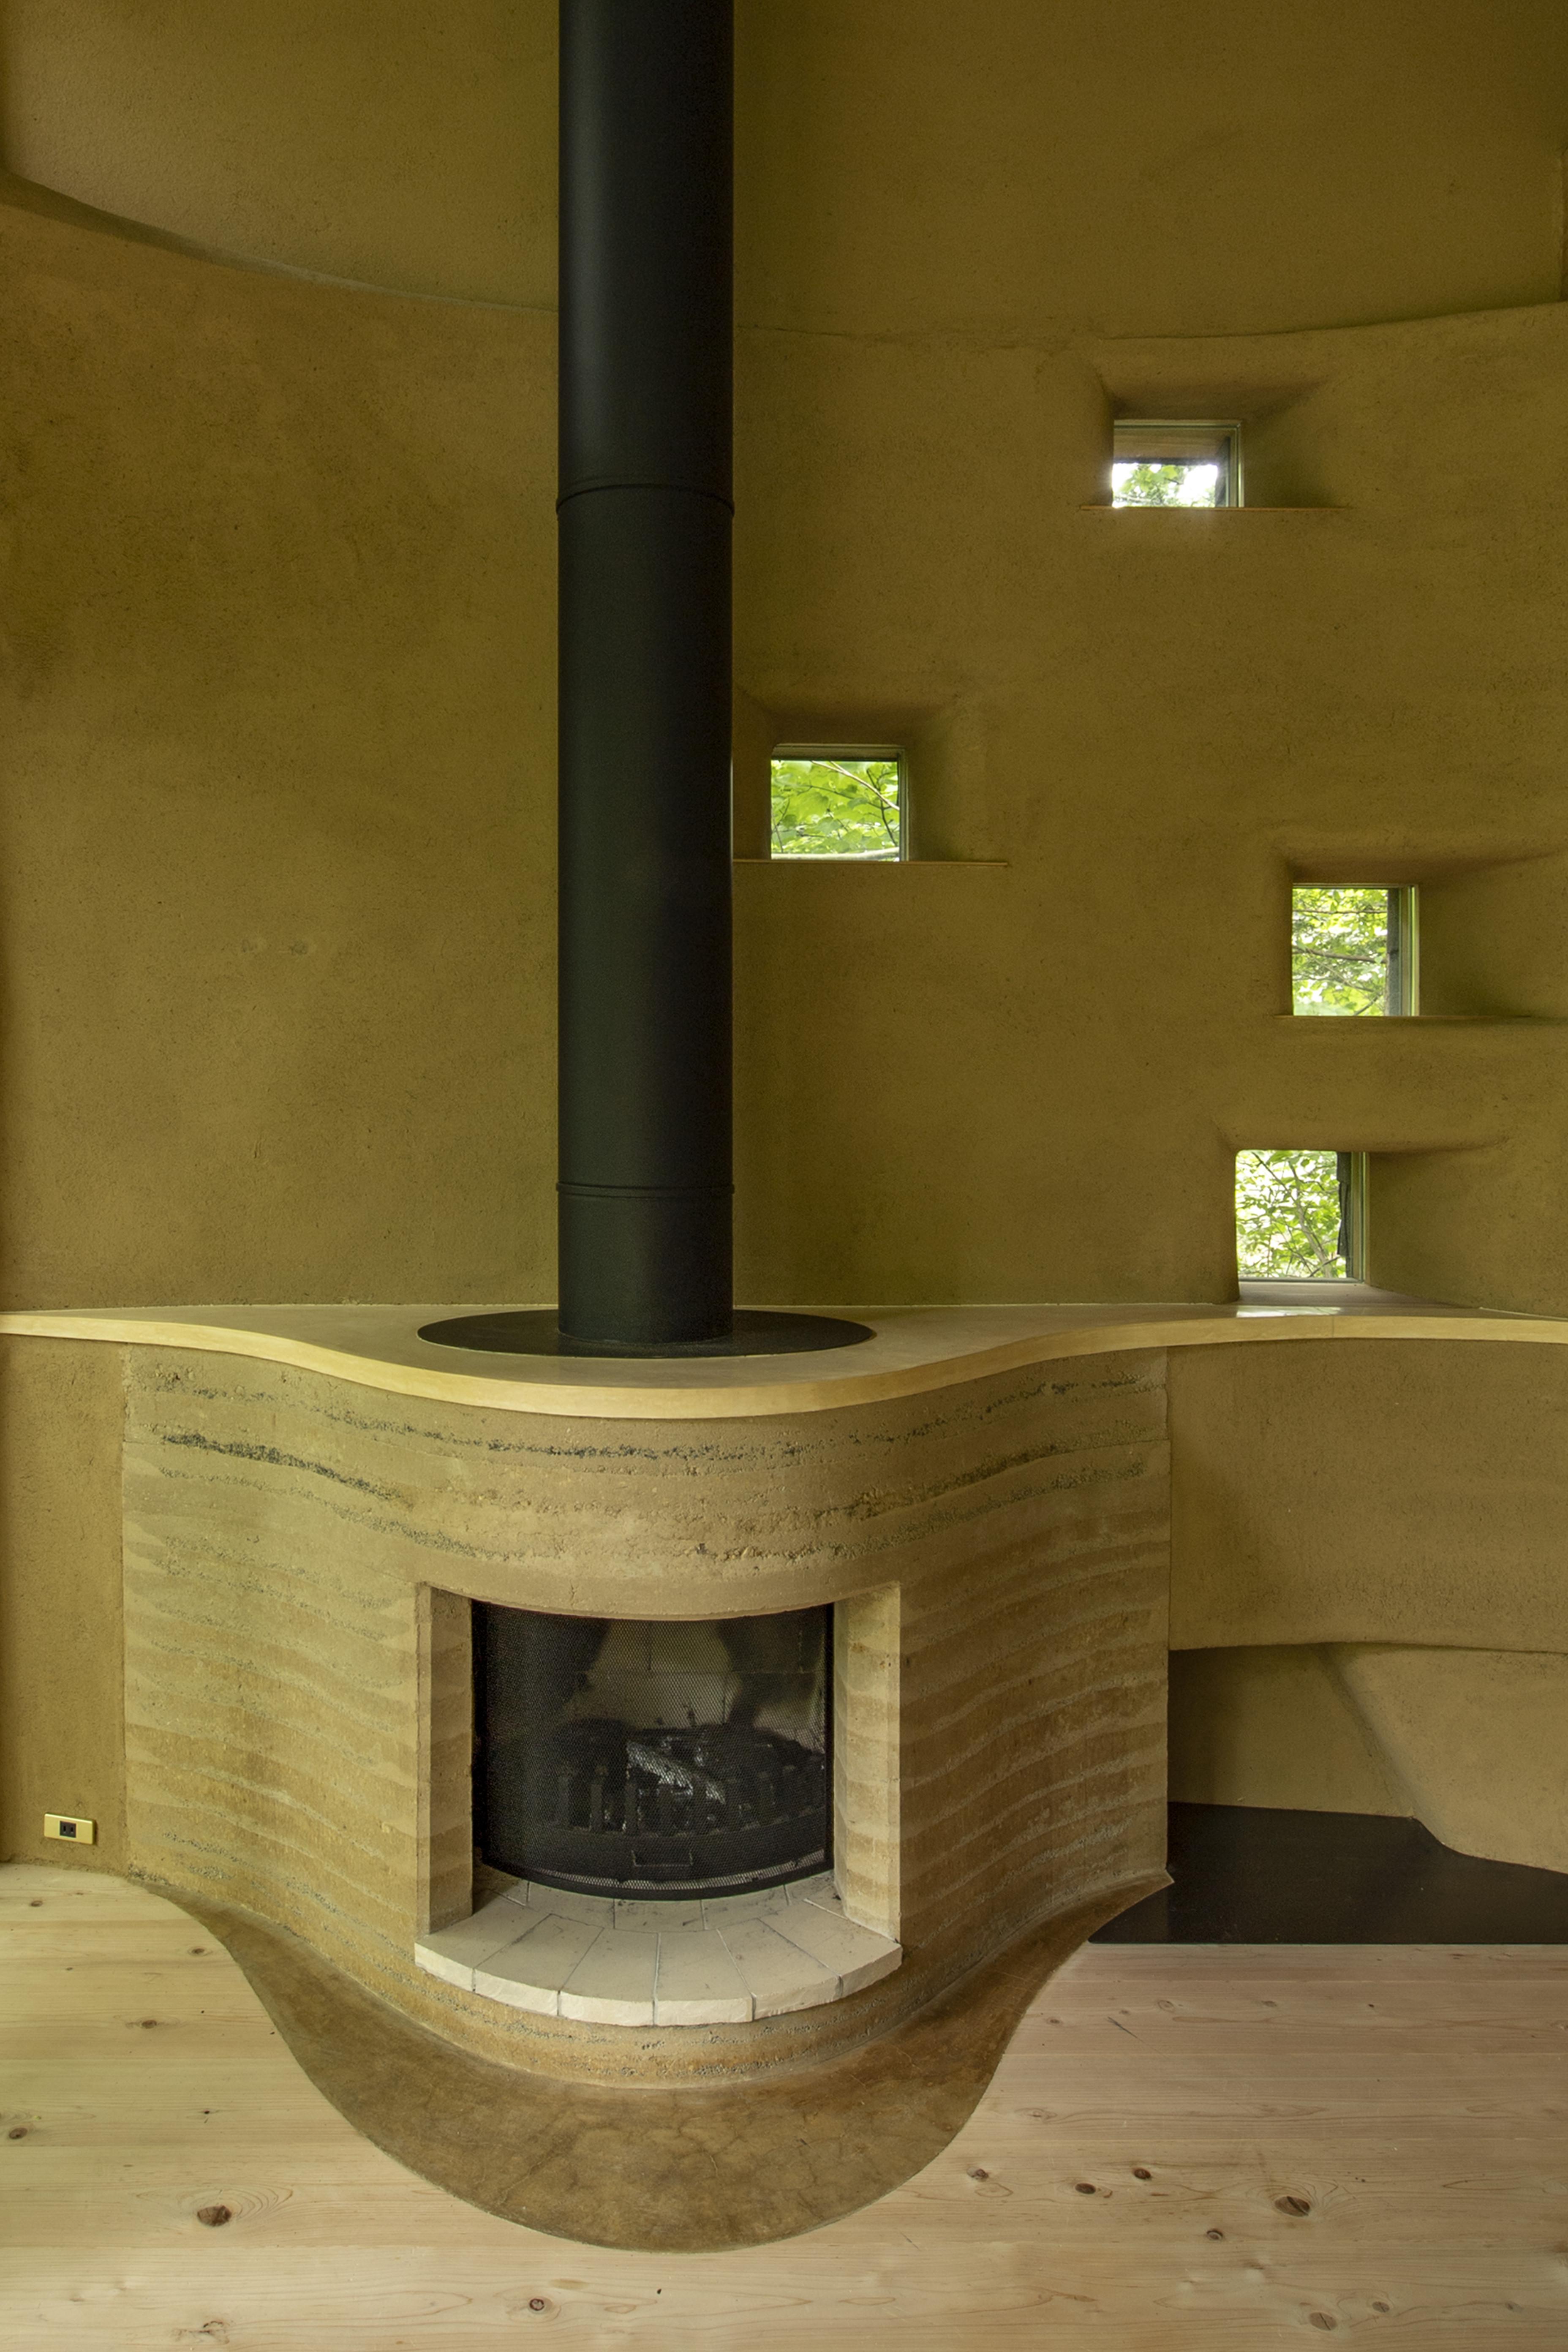 版築暖炉 Rammed Earth fireplace